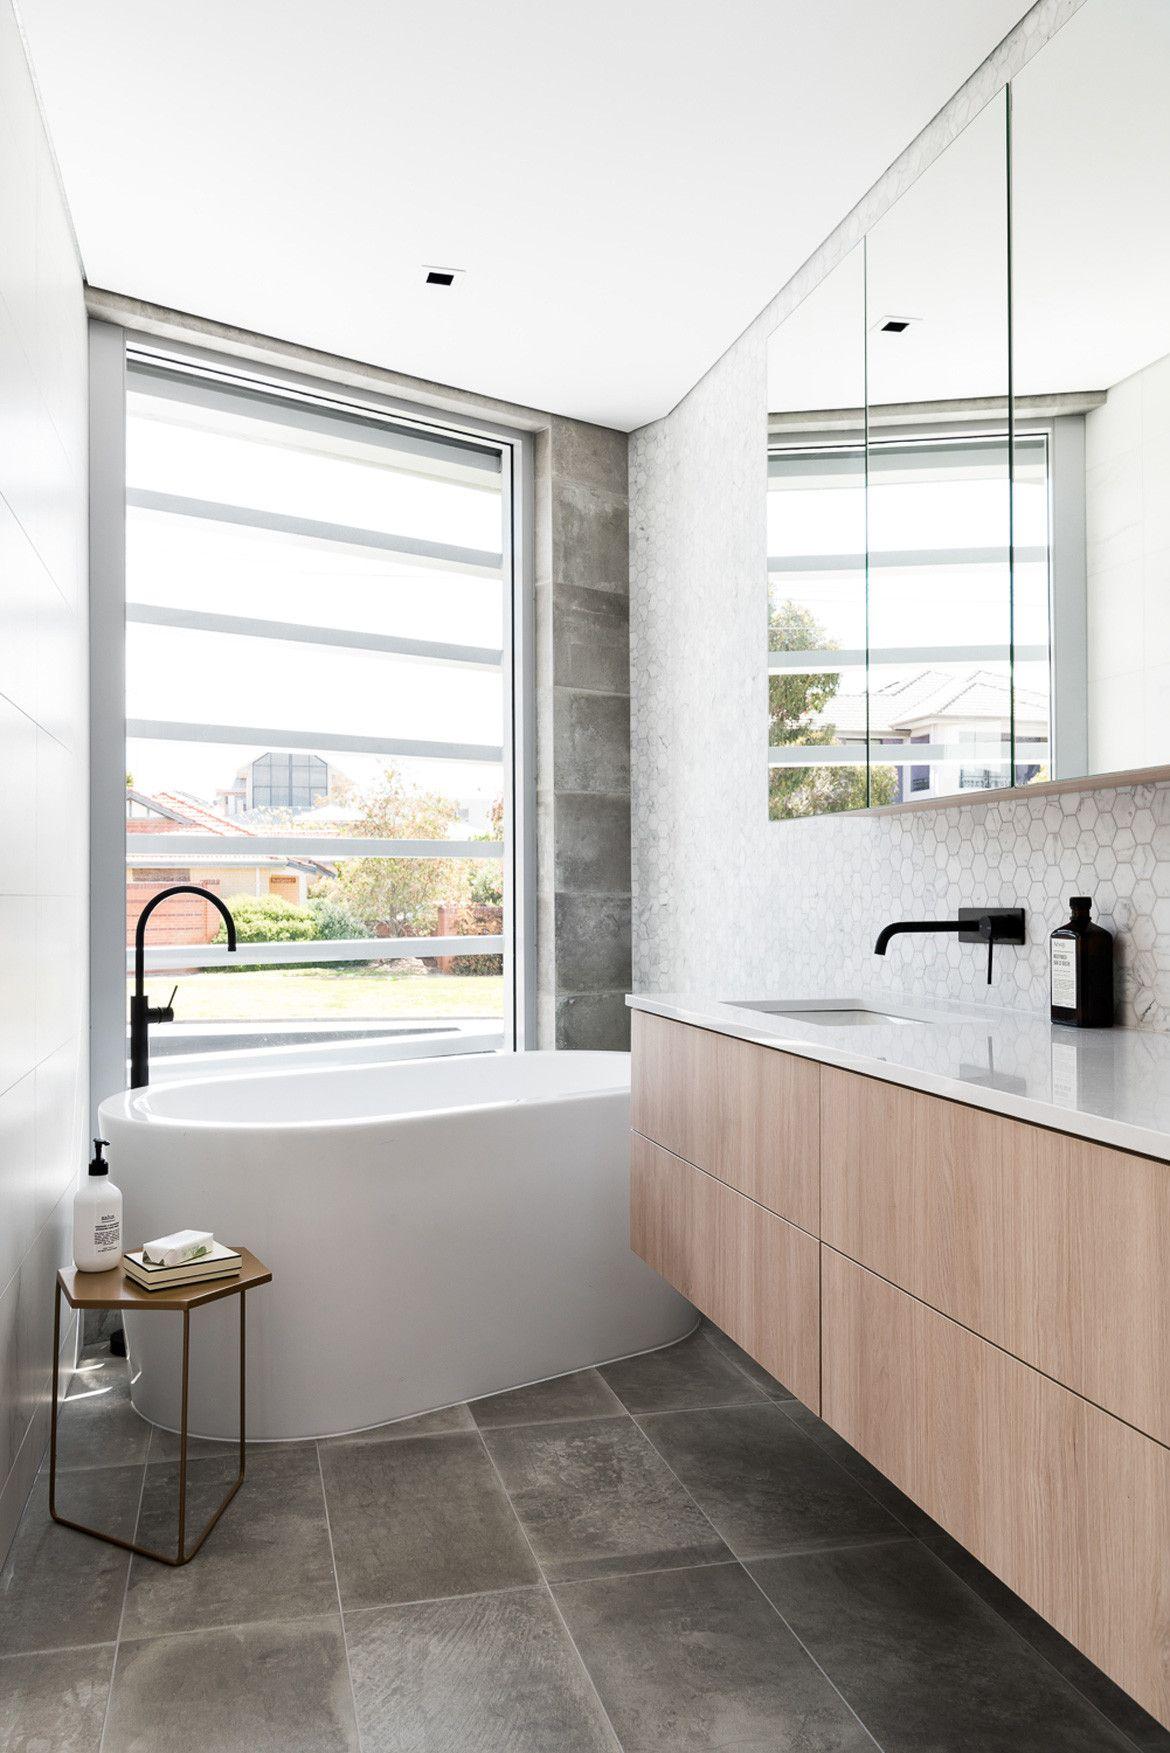 Badezimmer eitelkeiten vermont axon homes photography by dion robeson bathroom  bath room